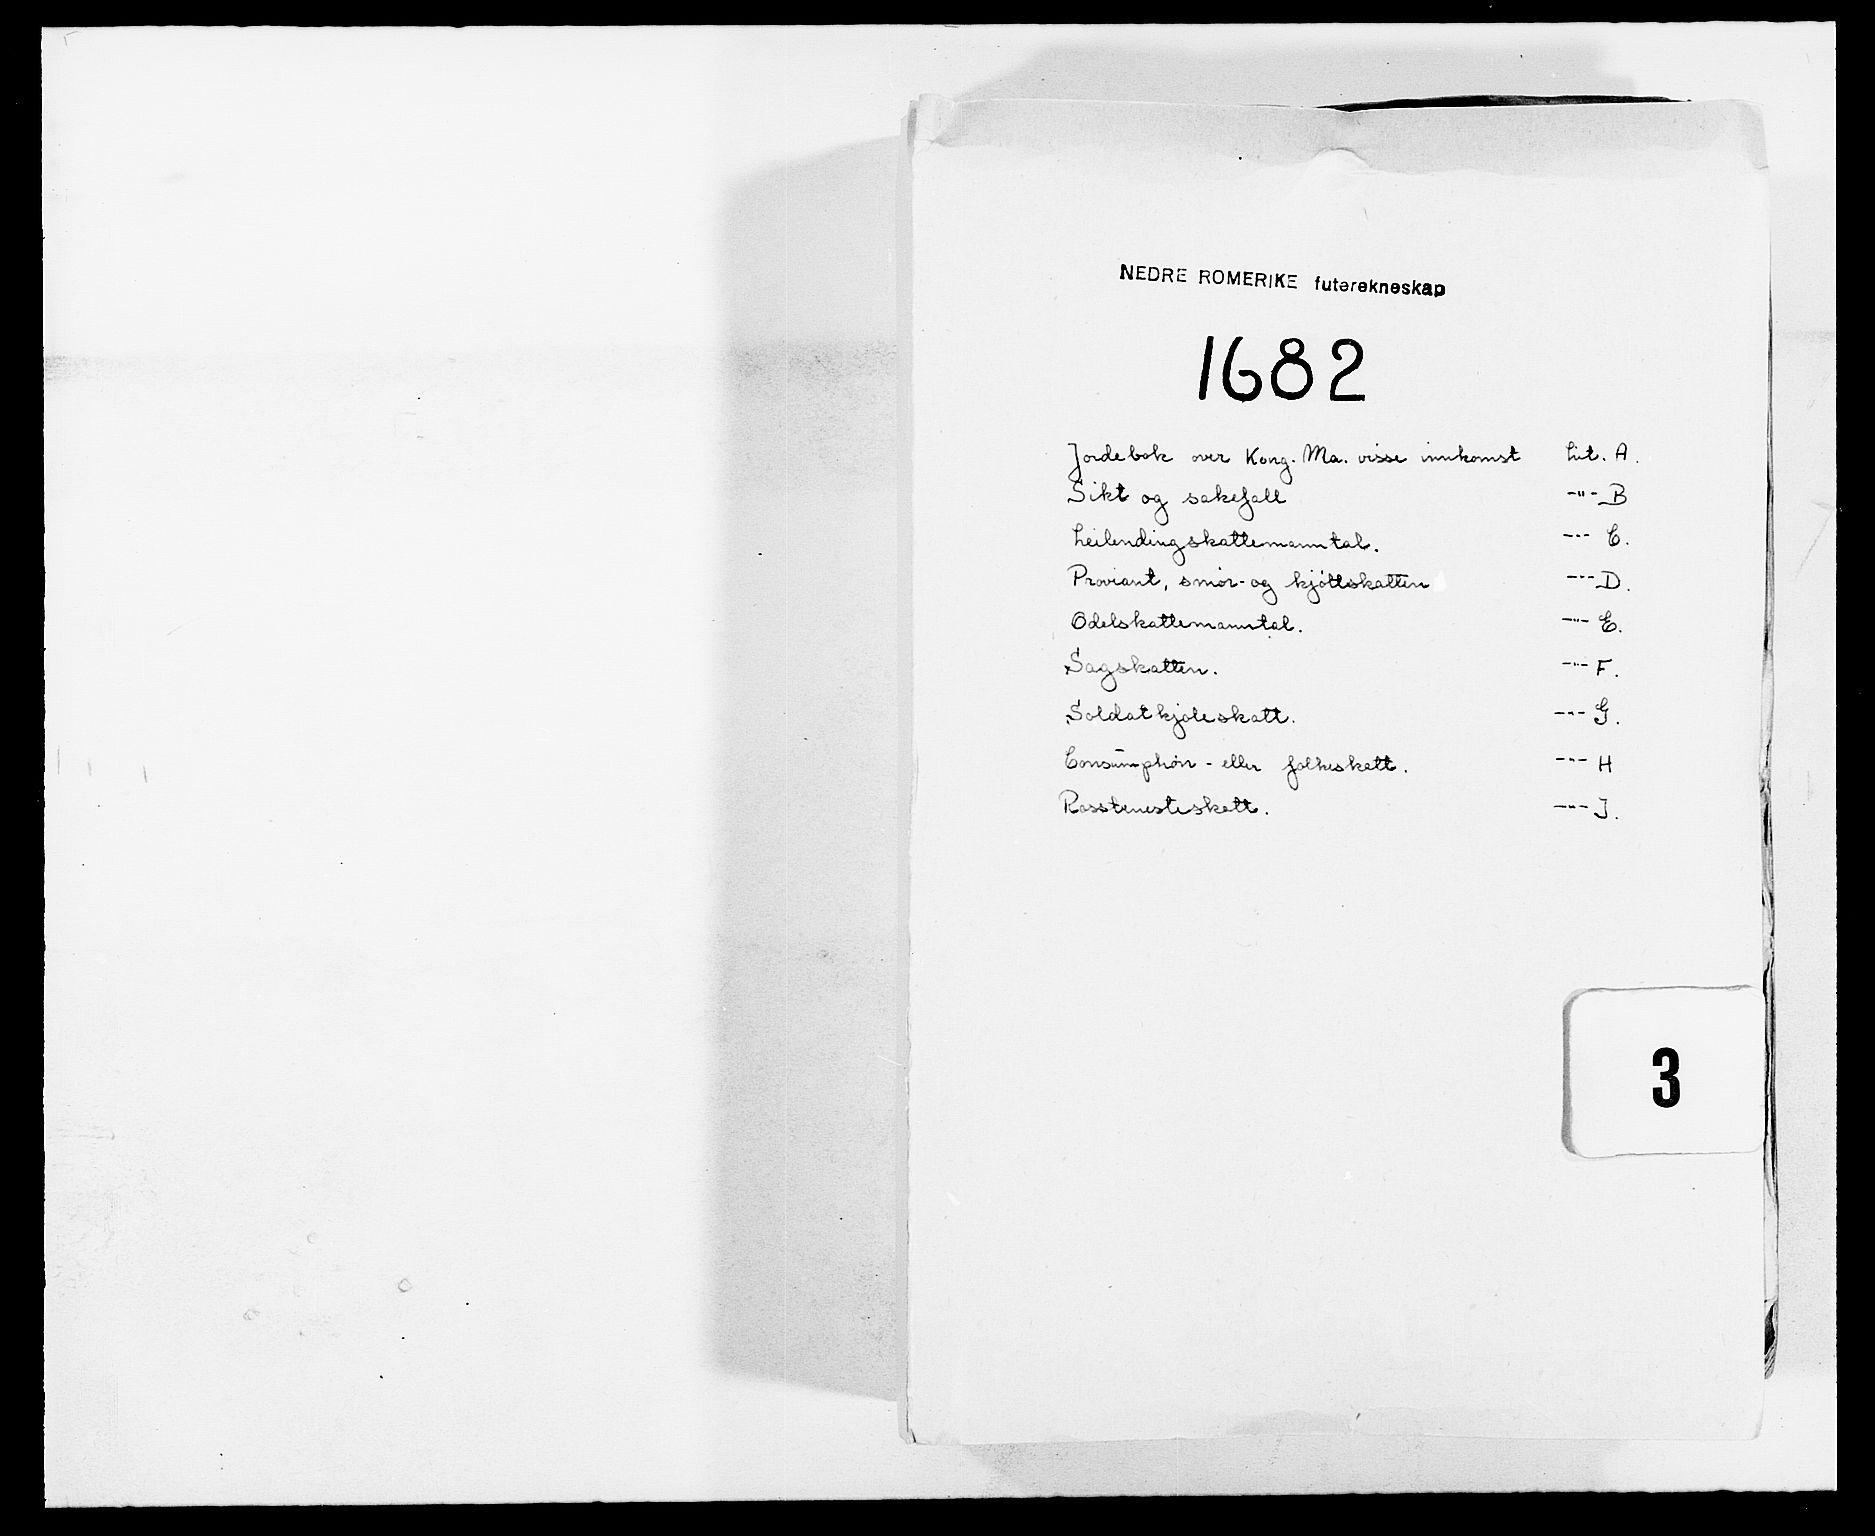 RA, Rentekammeret inntil 1814, Reviderte regnskaper, Fogderegnskap, R11/L0570: Fogderegnskap Nedre Romerike, 1682, s. 1